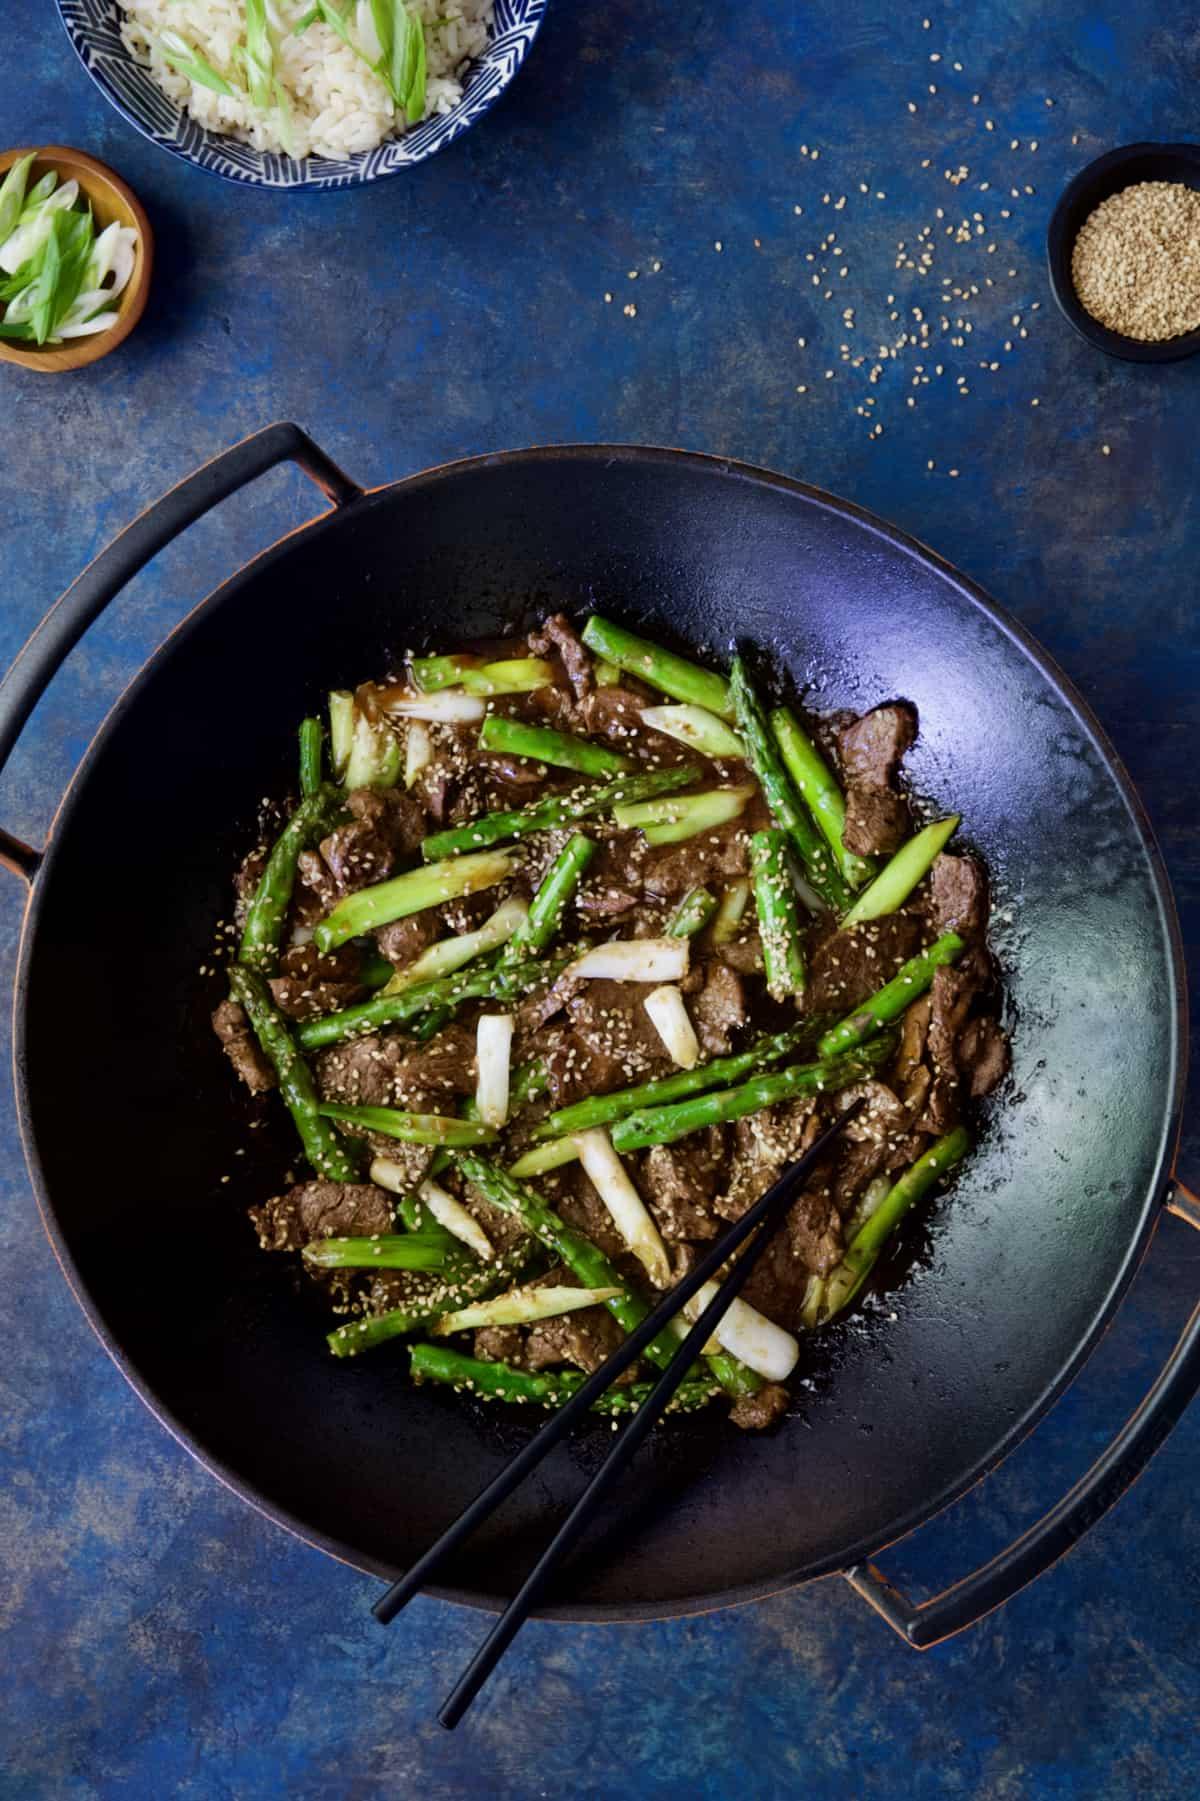 Sesame Beef and Asparagus Stir-Fry with black chopsticks.